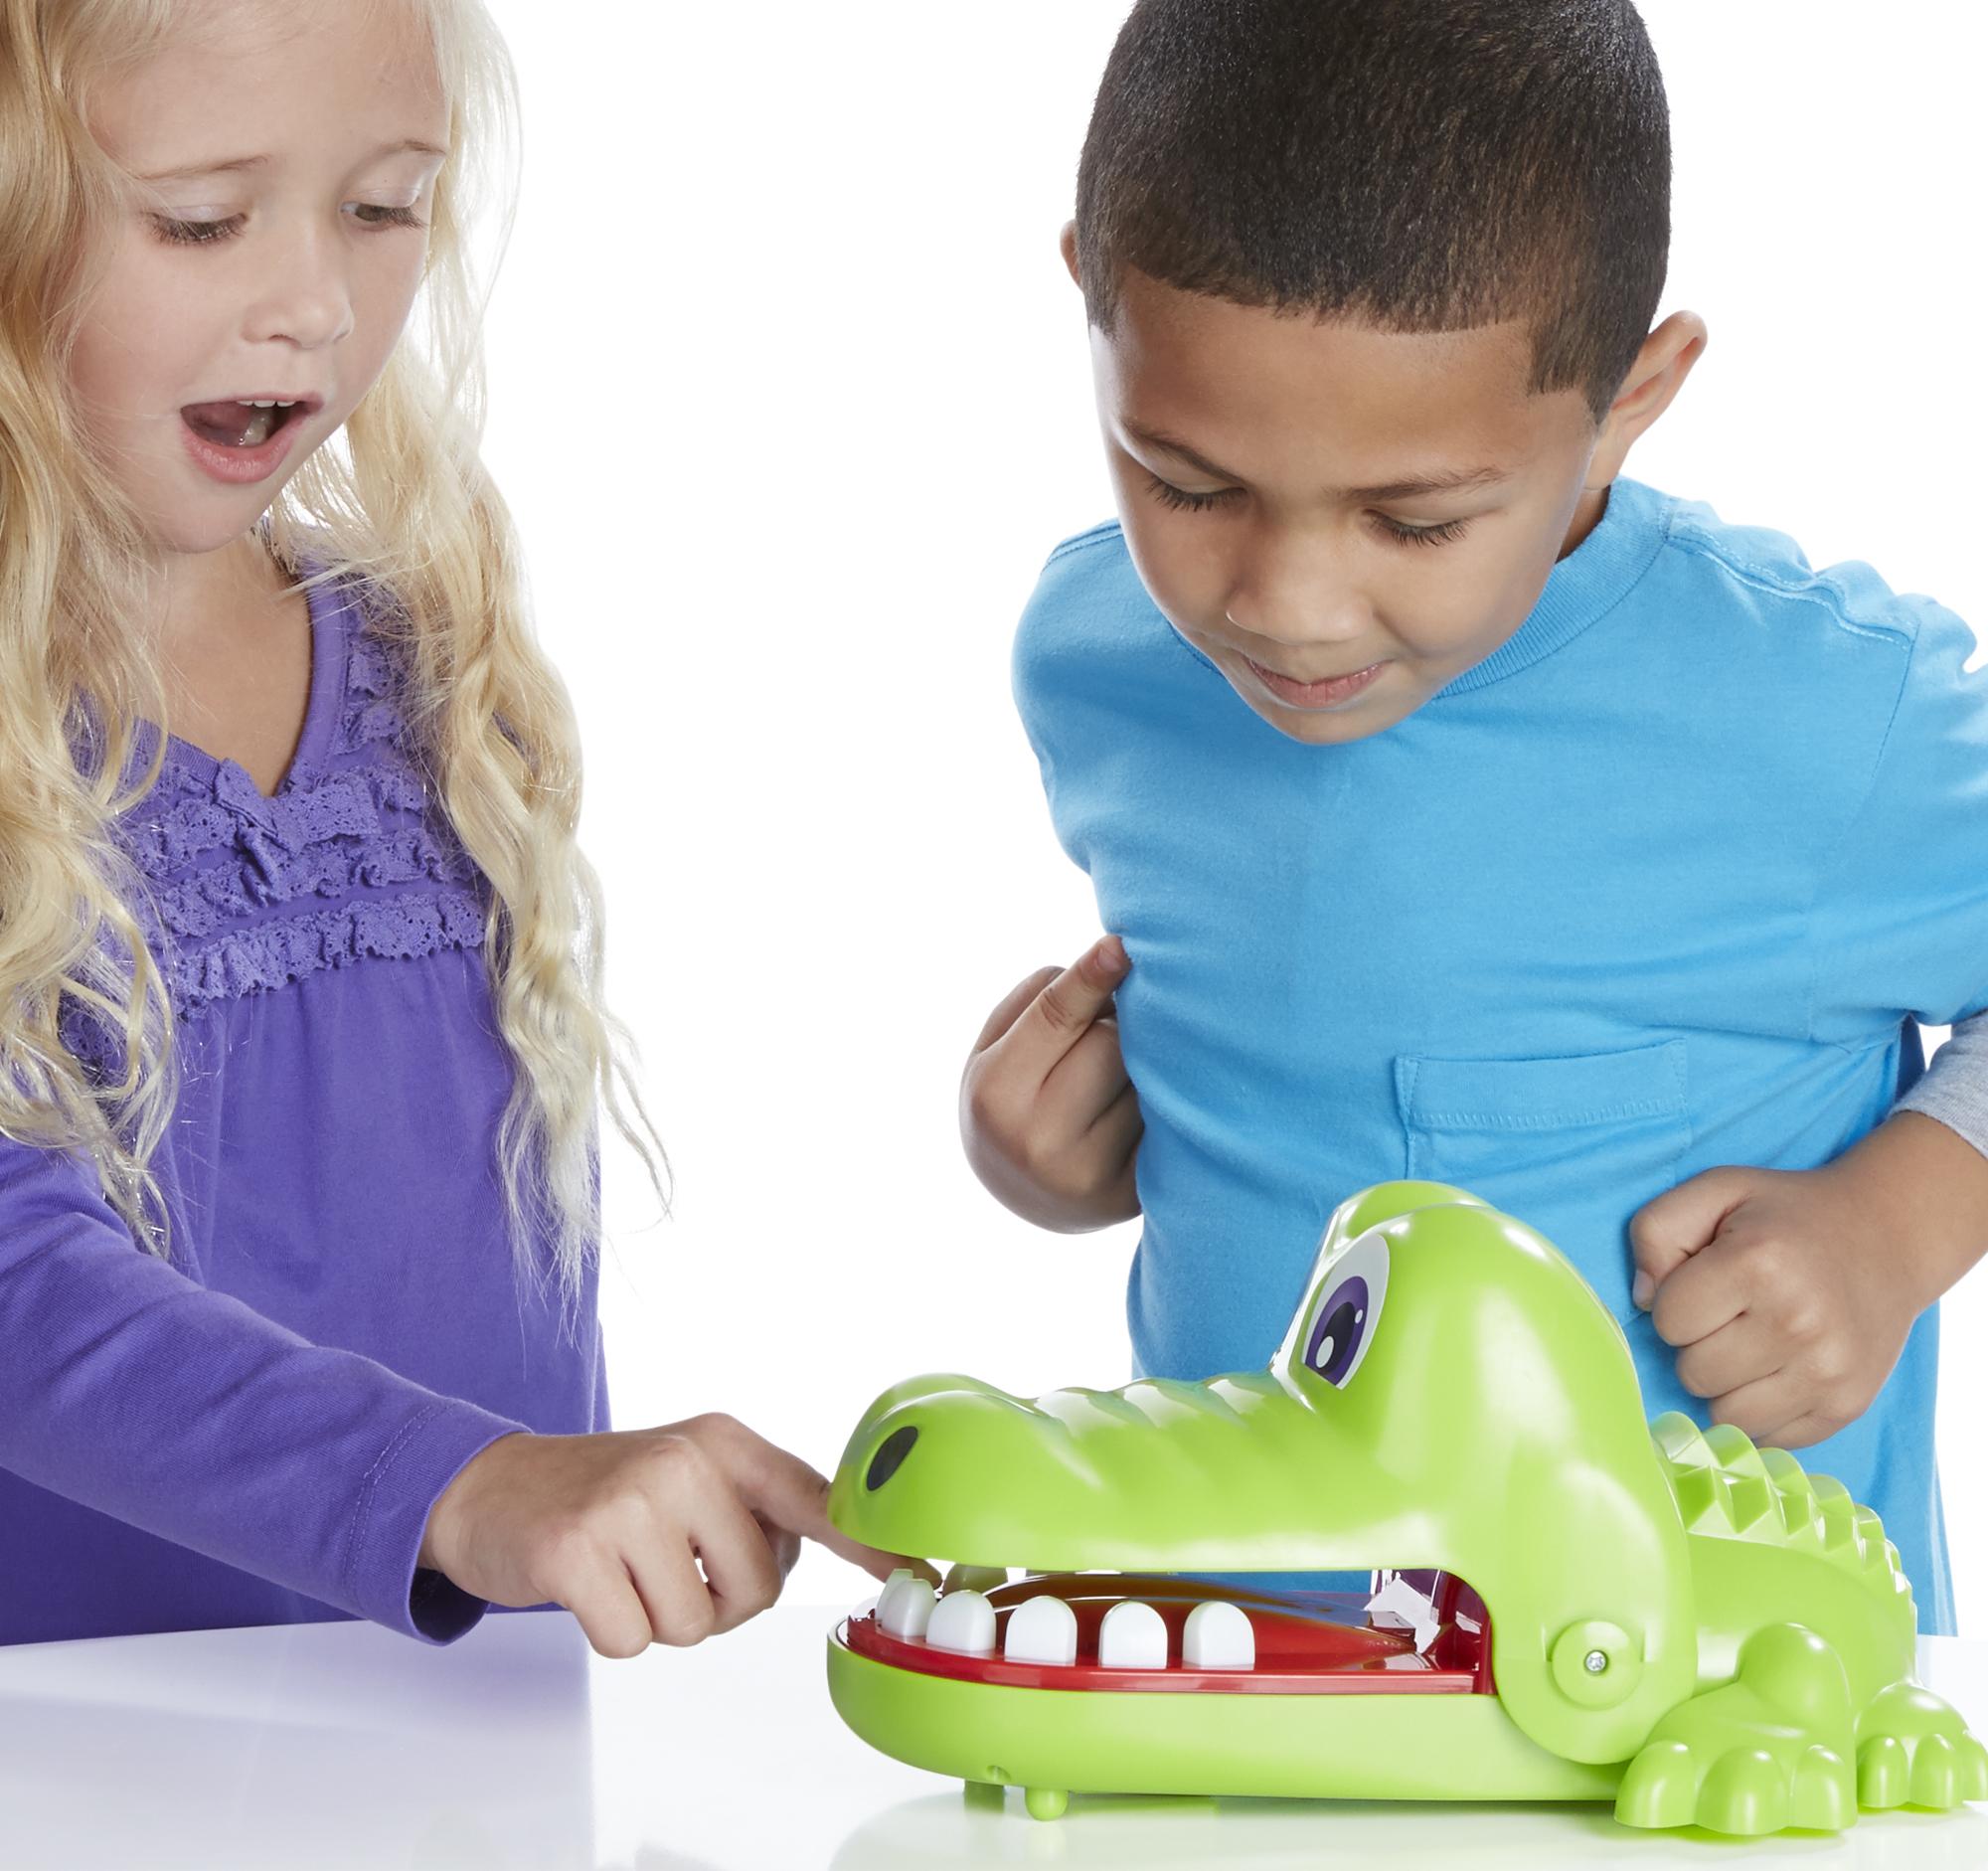 Cocco dentista - hasbro gaming - HASBRO GAMING